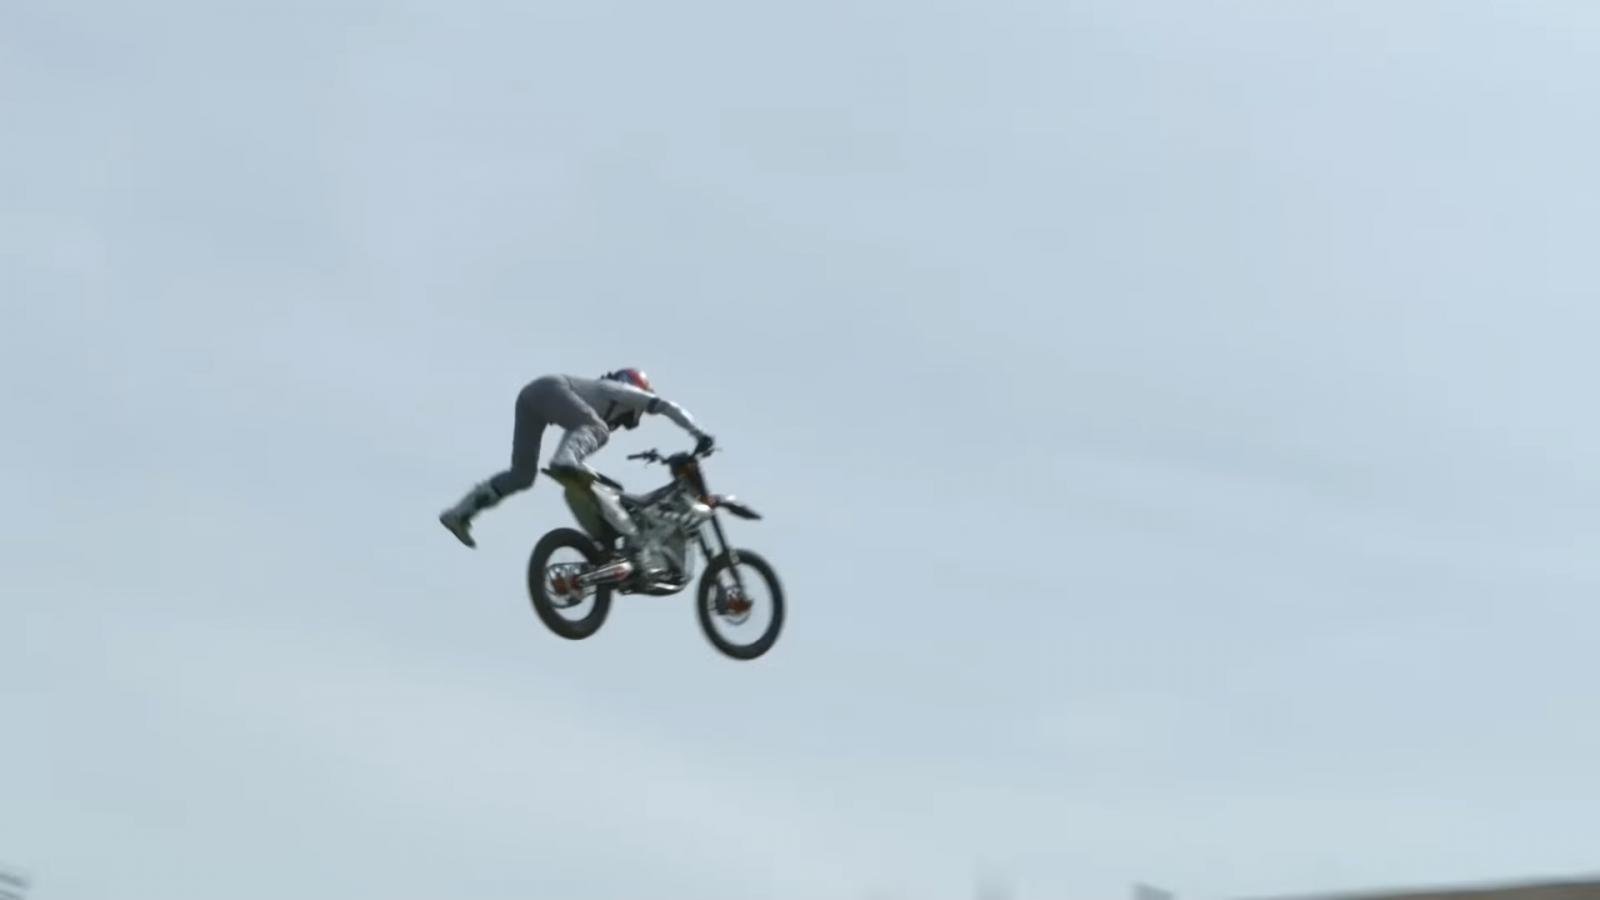 El motocross freestyle eléctrico deja atrás el estruendoso sonido de los motores de combustión interna